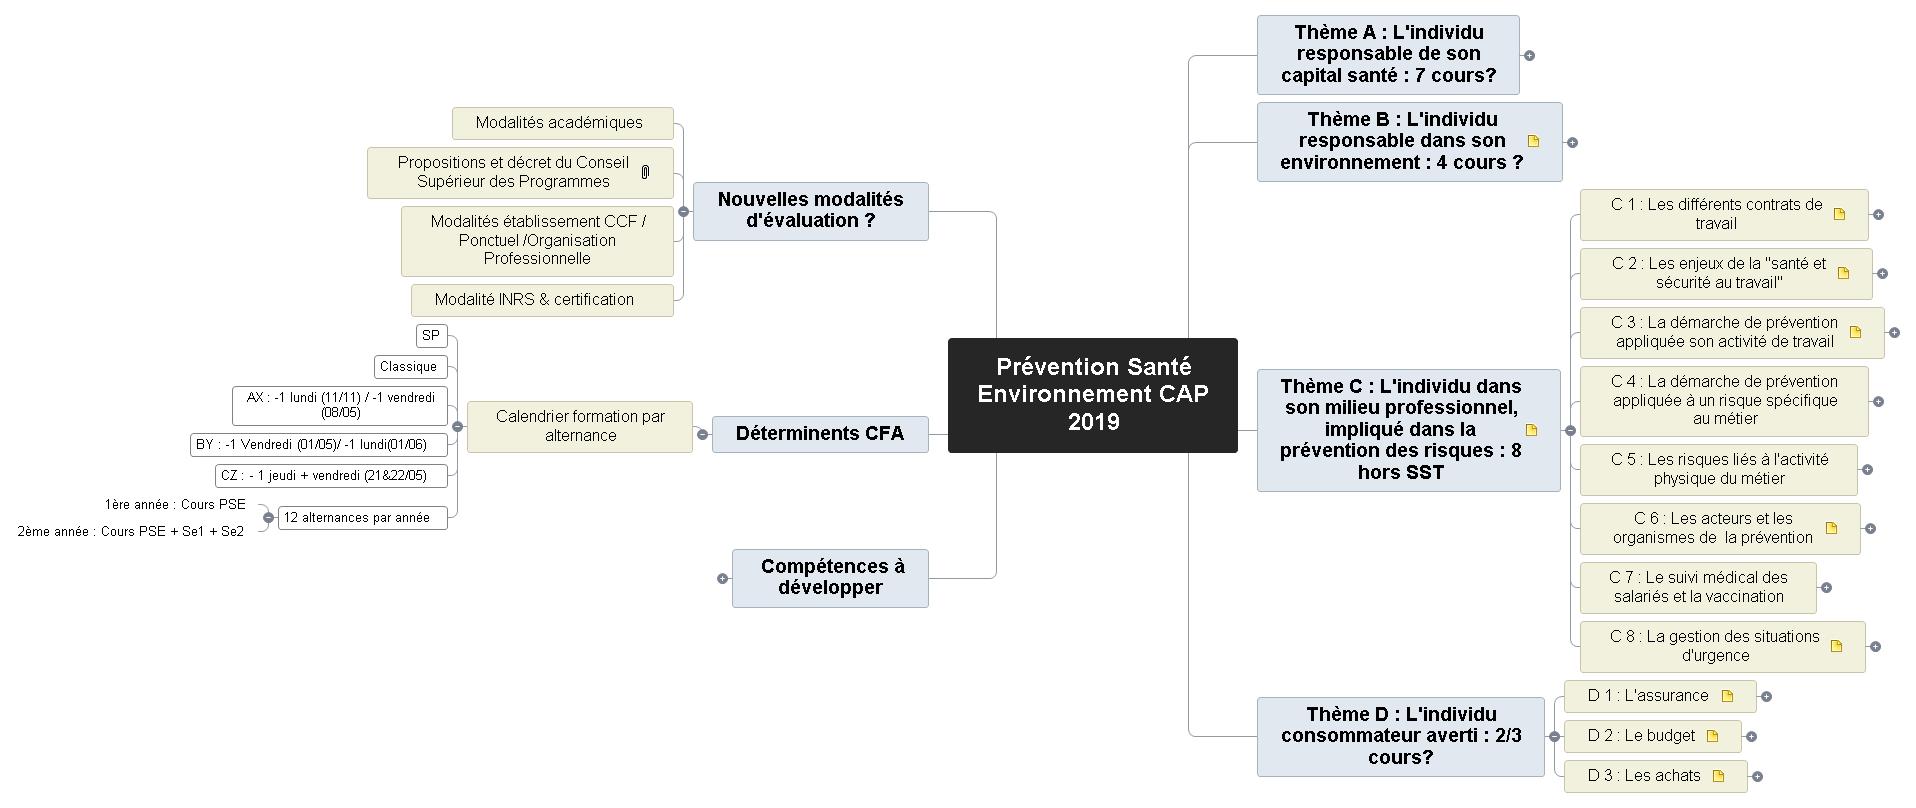 Prévention Santé Environnement - Ma stratégie session -Arnaud 2019-2020 Mind Maps